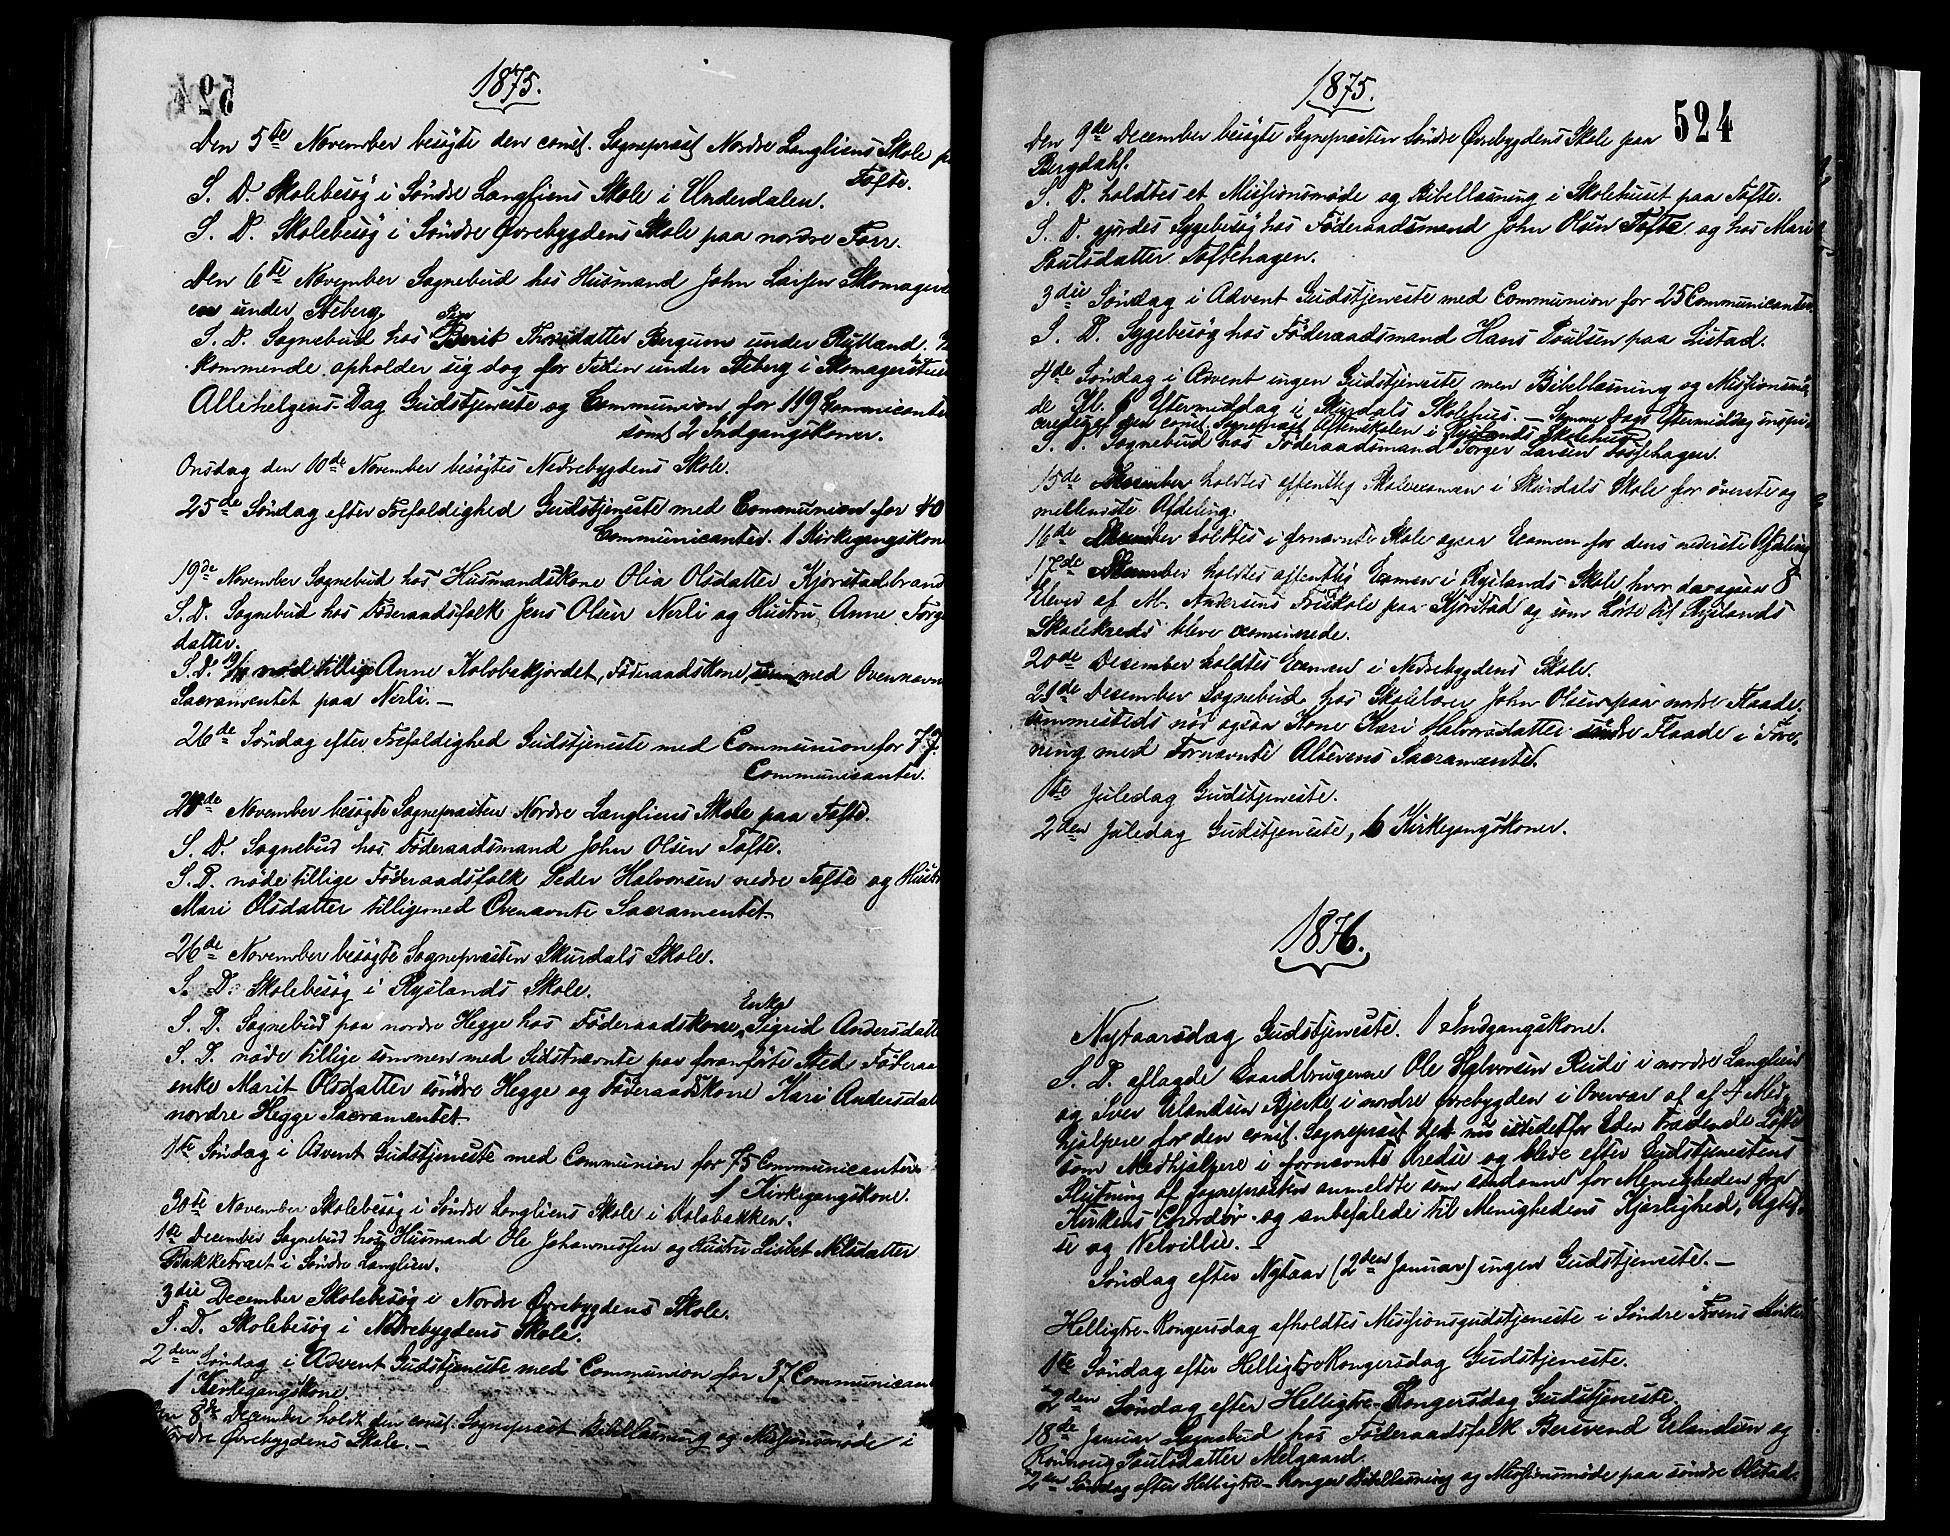 SAH, Sør-Fron prestekontor, H/Ha/Haa/L0002: Ministerialbok nr. 2, 1864-1880, s. 524